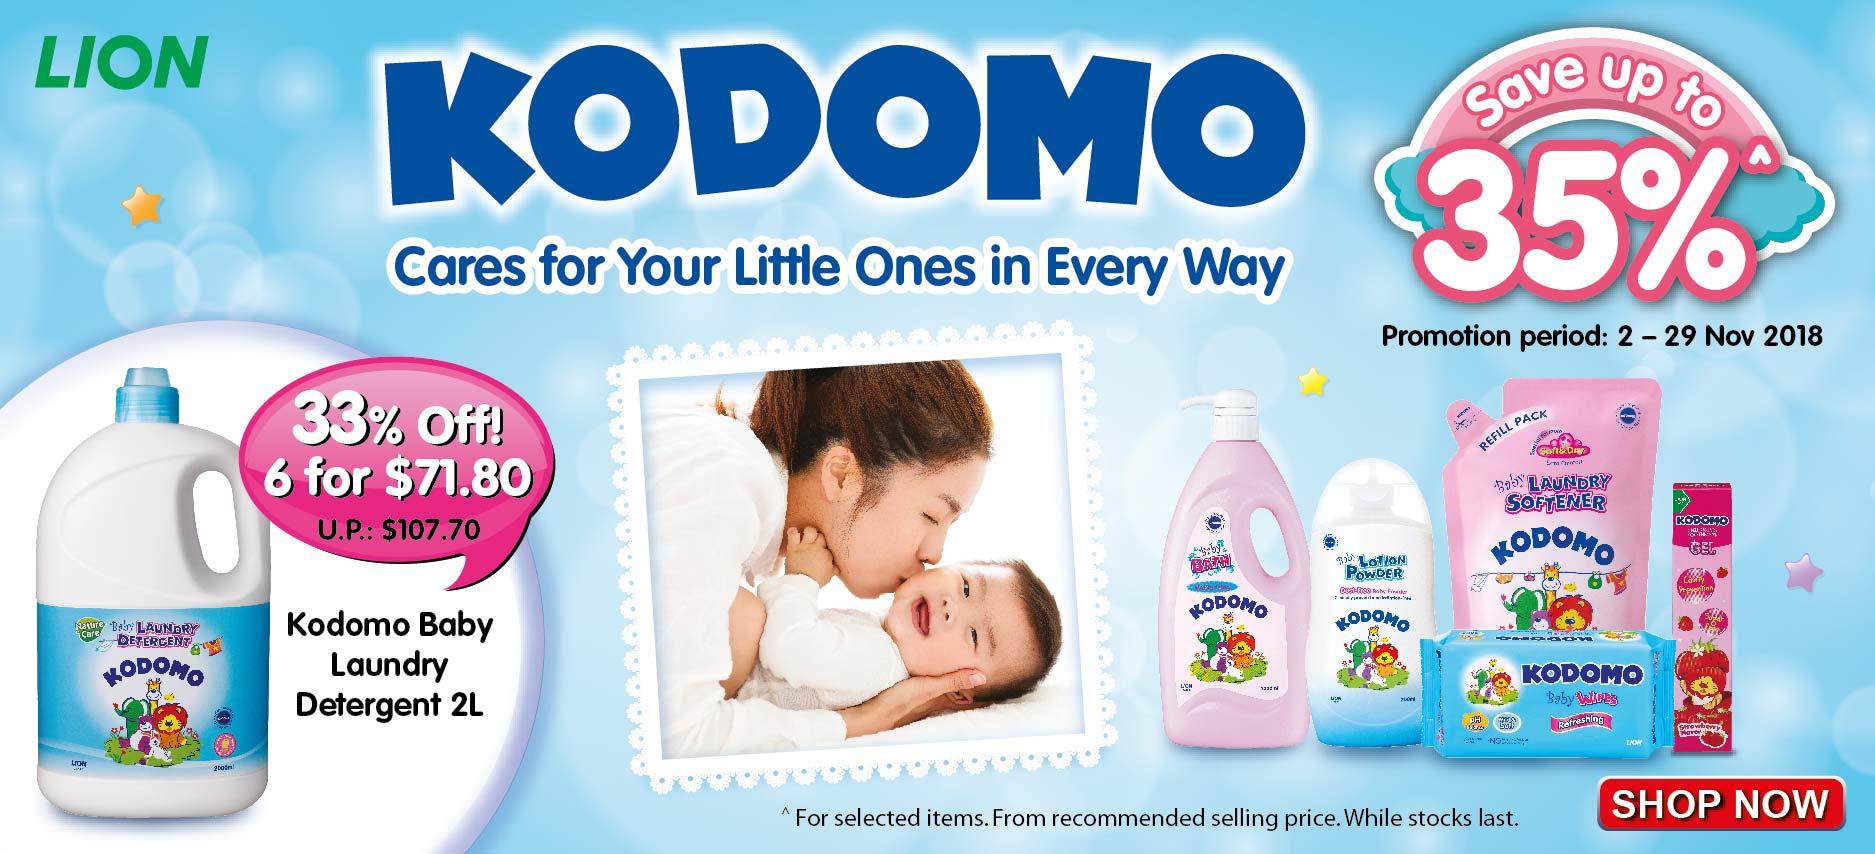 Kodomo Promotion